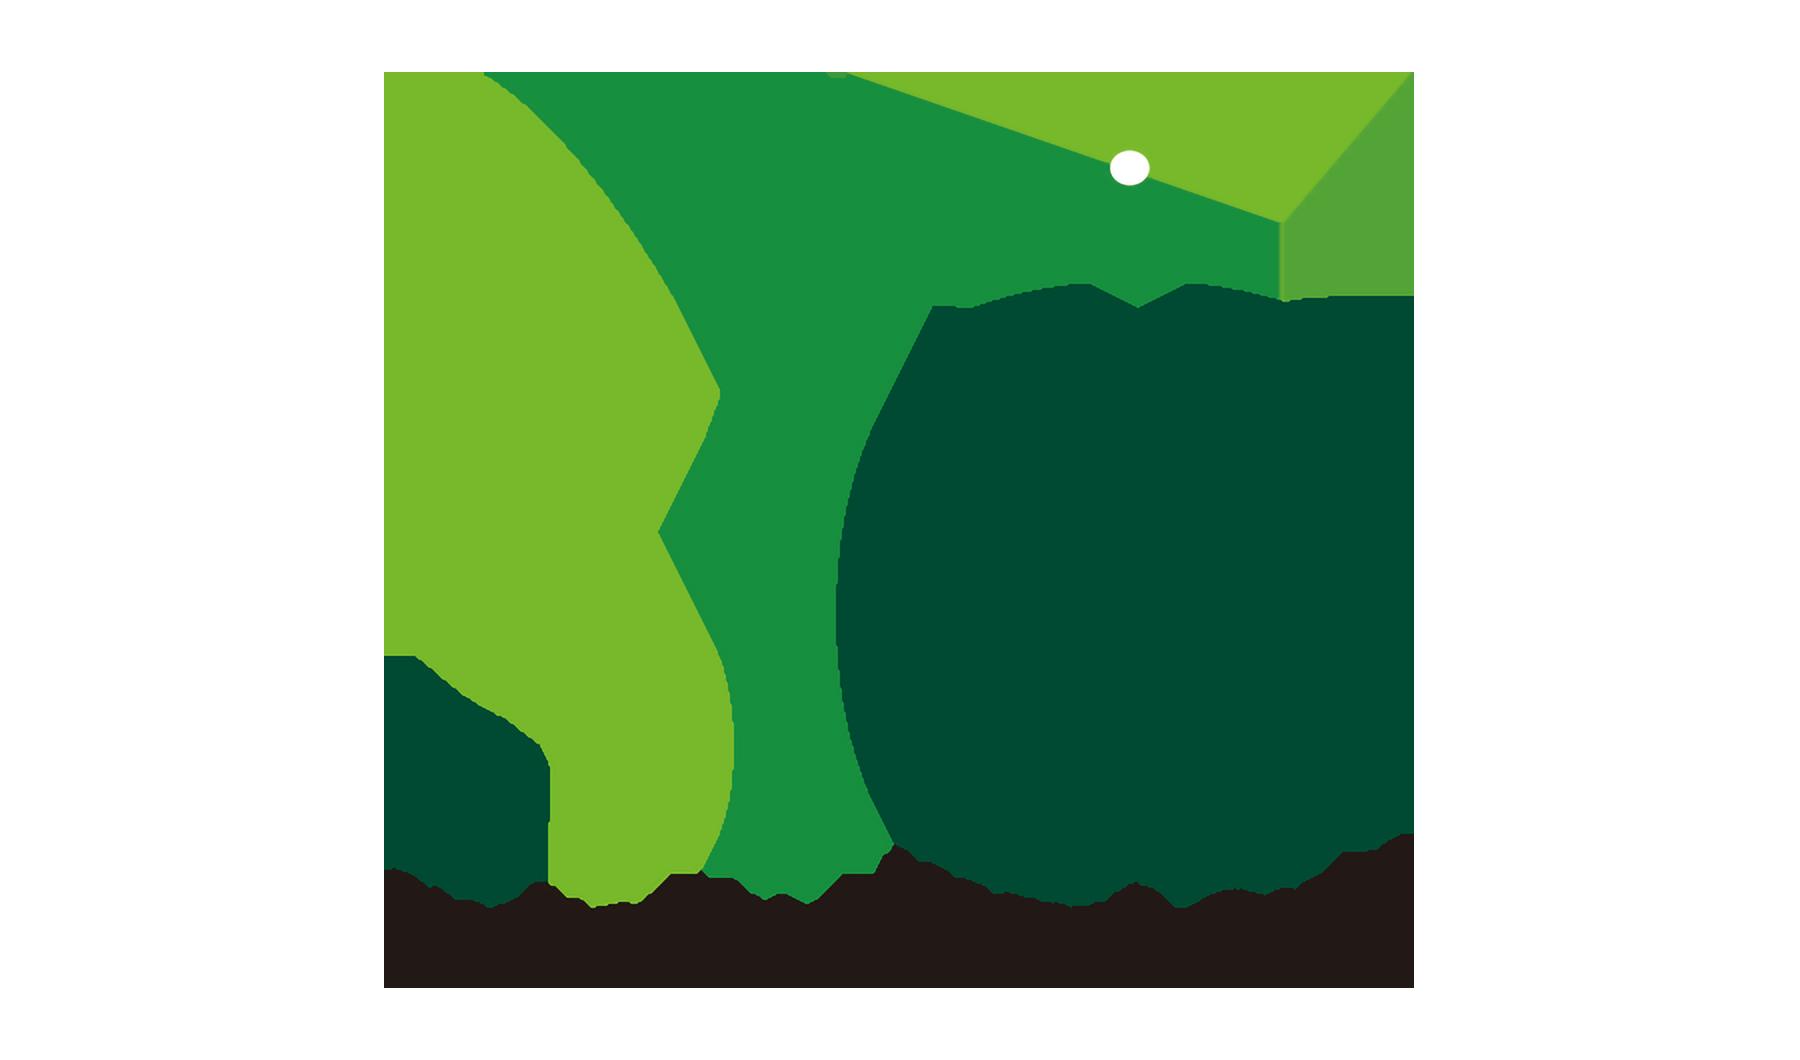 スタートアップ・イニシャルプログラムOSAKA(SIO)